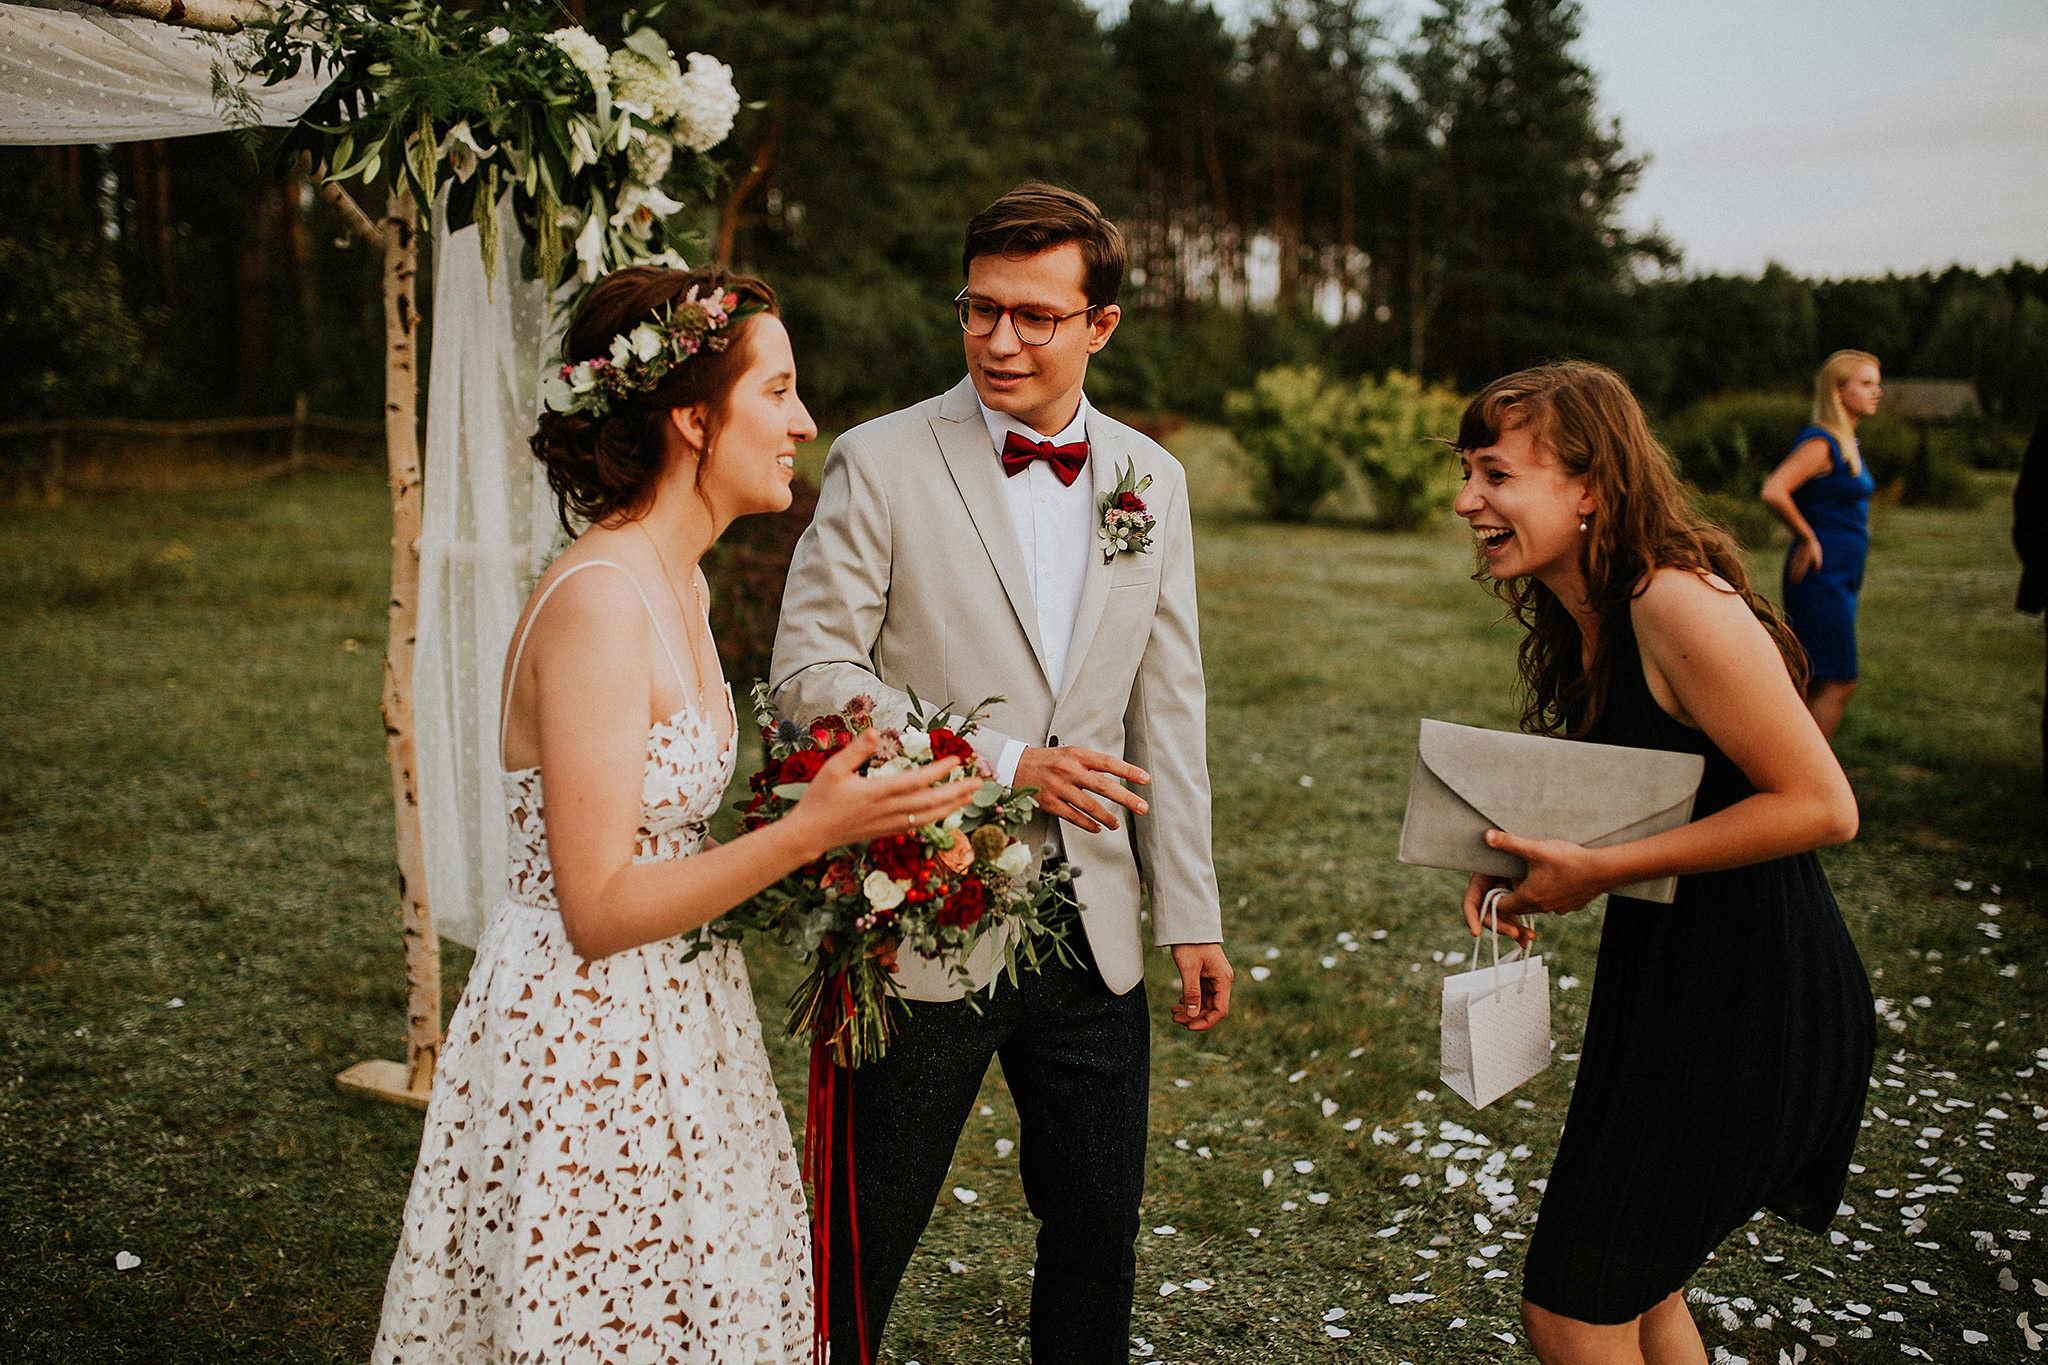 zosiajan fotograf Karol Nycz Photography www.karolnycz.com 198